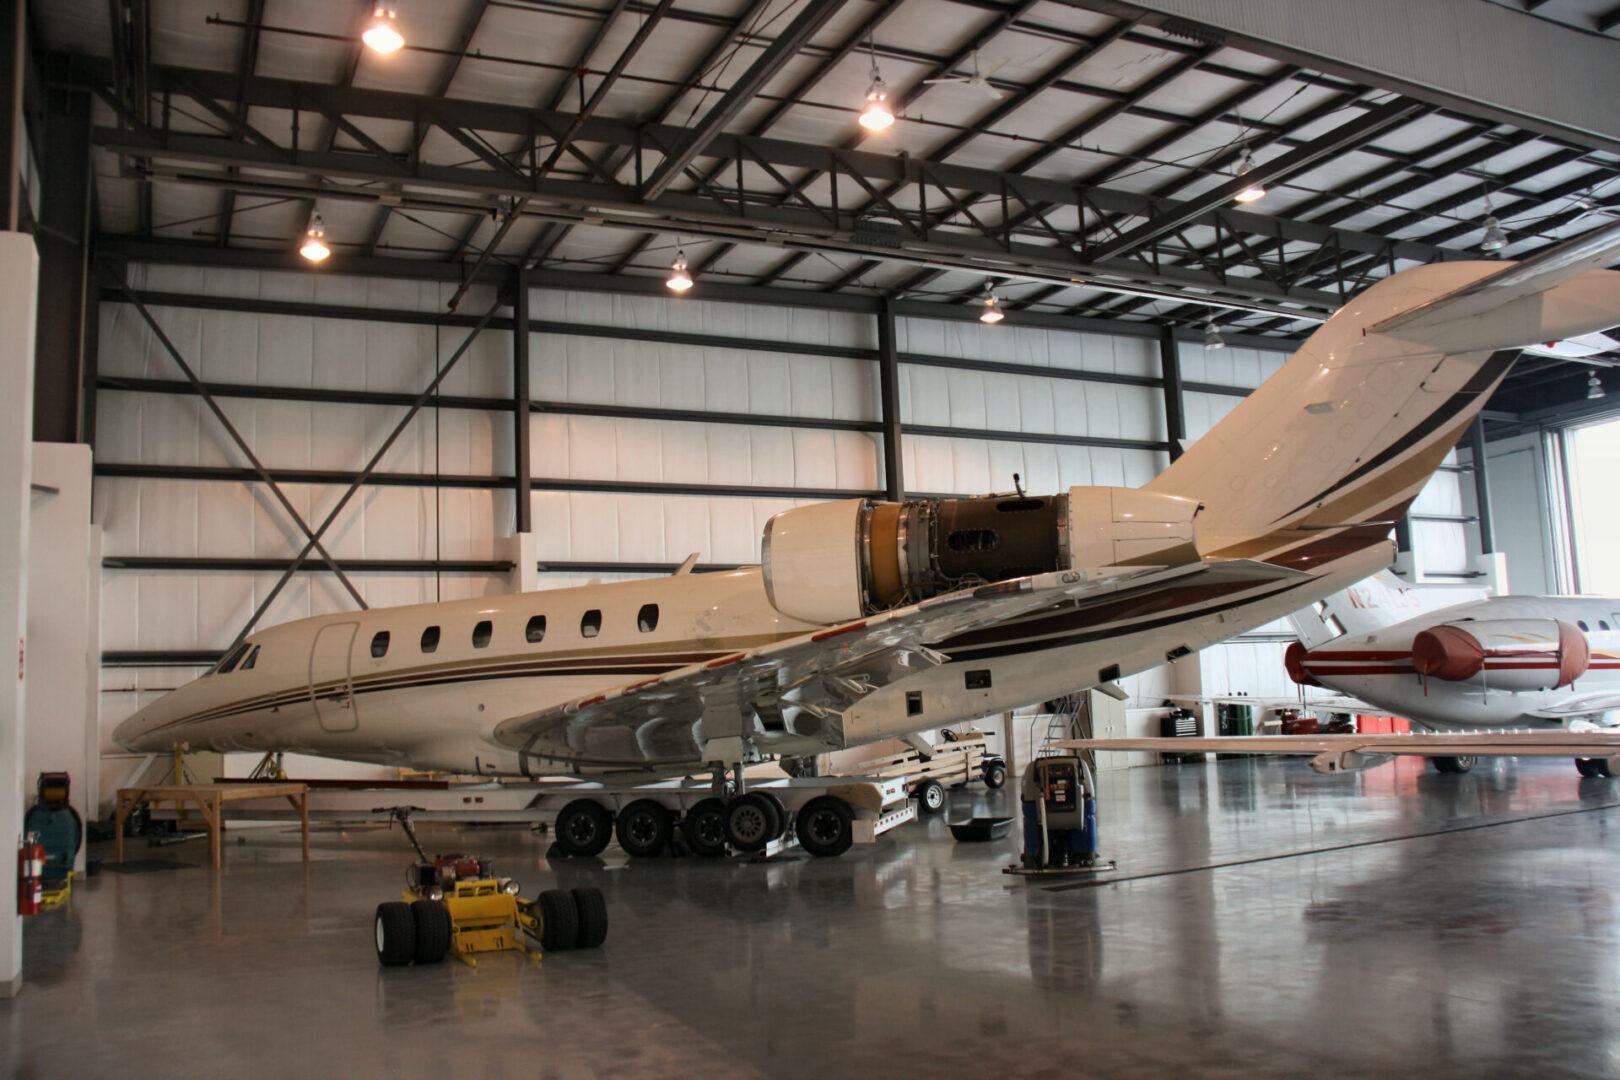 2141-Aircraft Exterior Macro